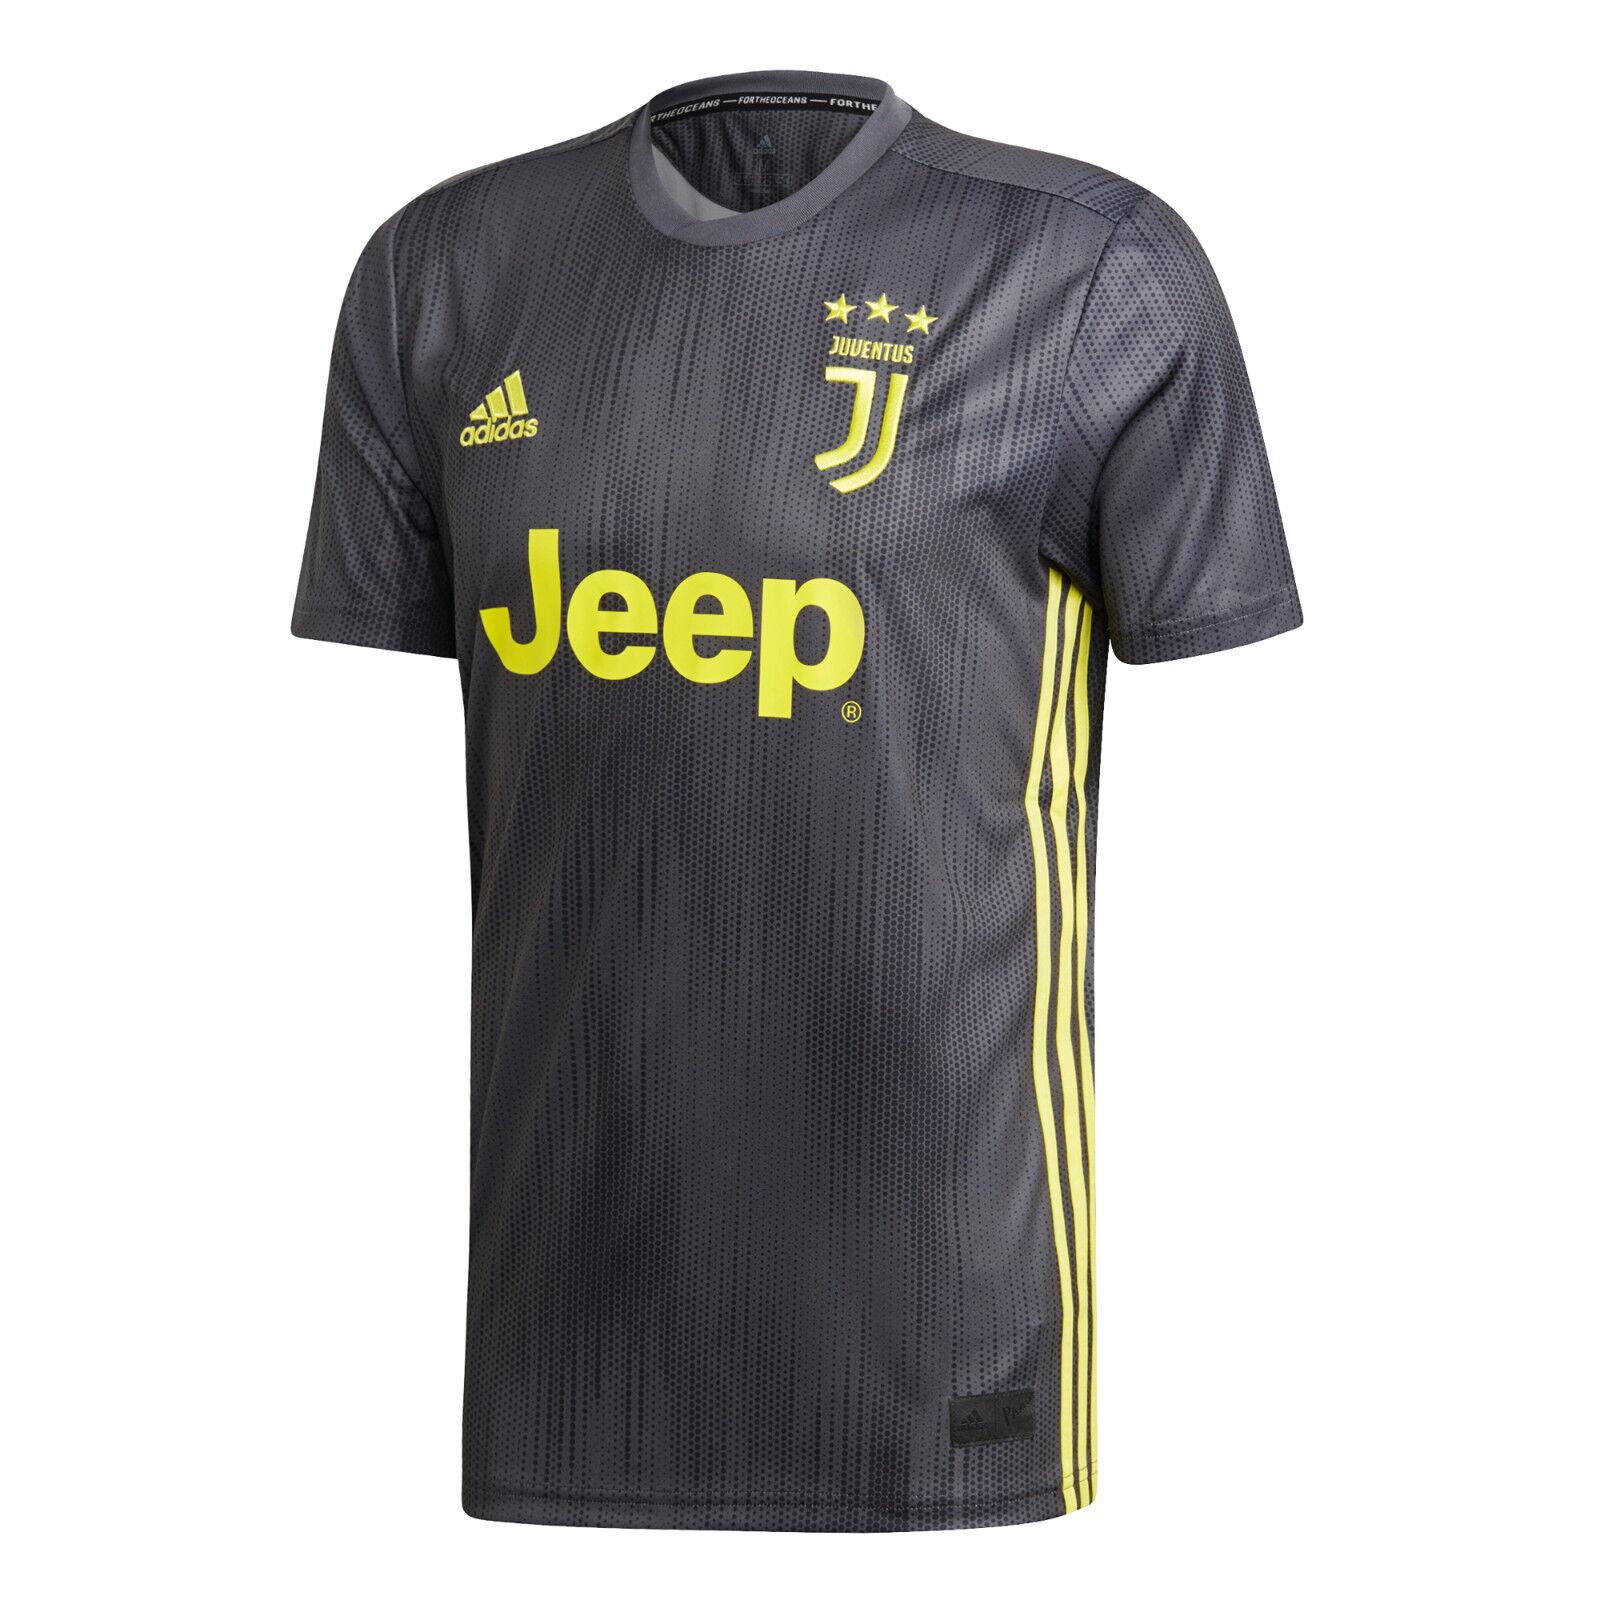 Adidas Juventus Maglia Third DP0455 Stag. 18 19 terza maglia Originale Adidas